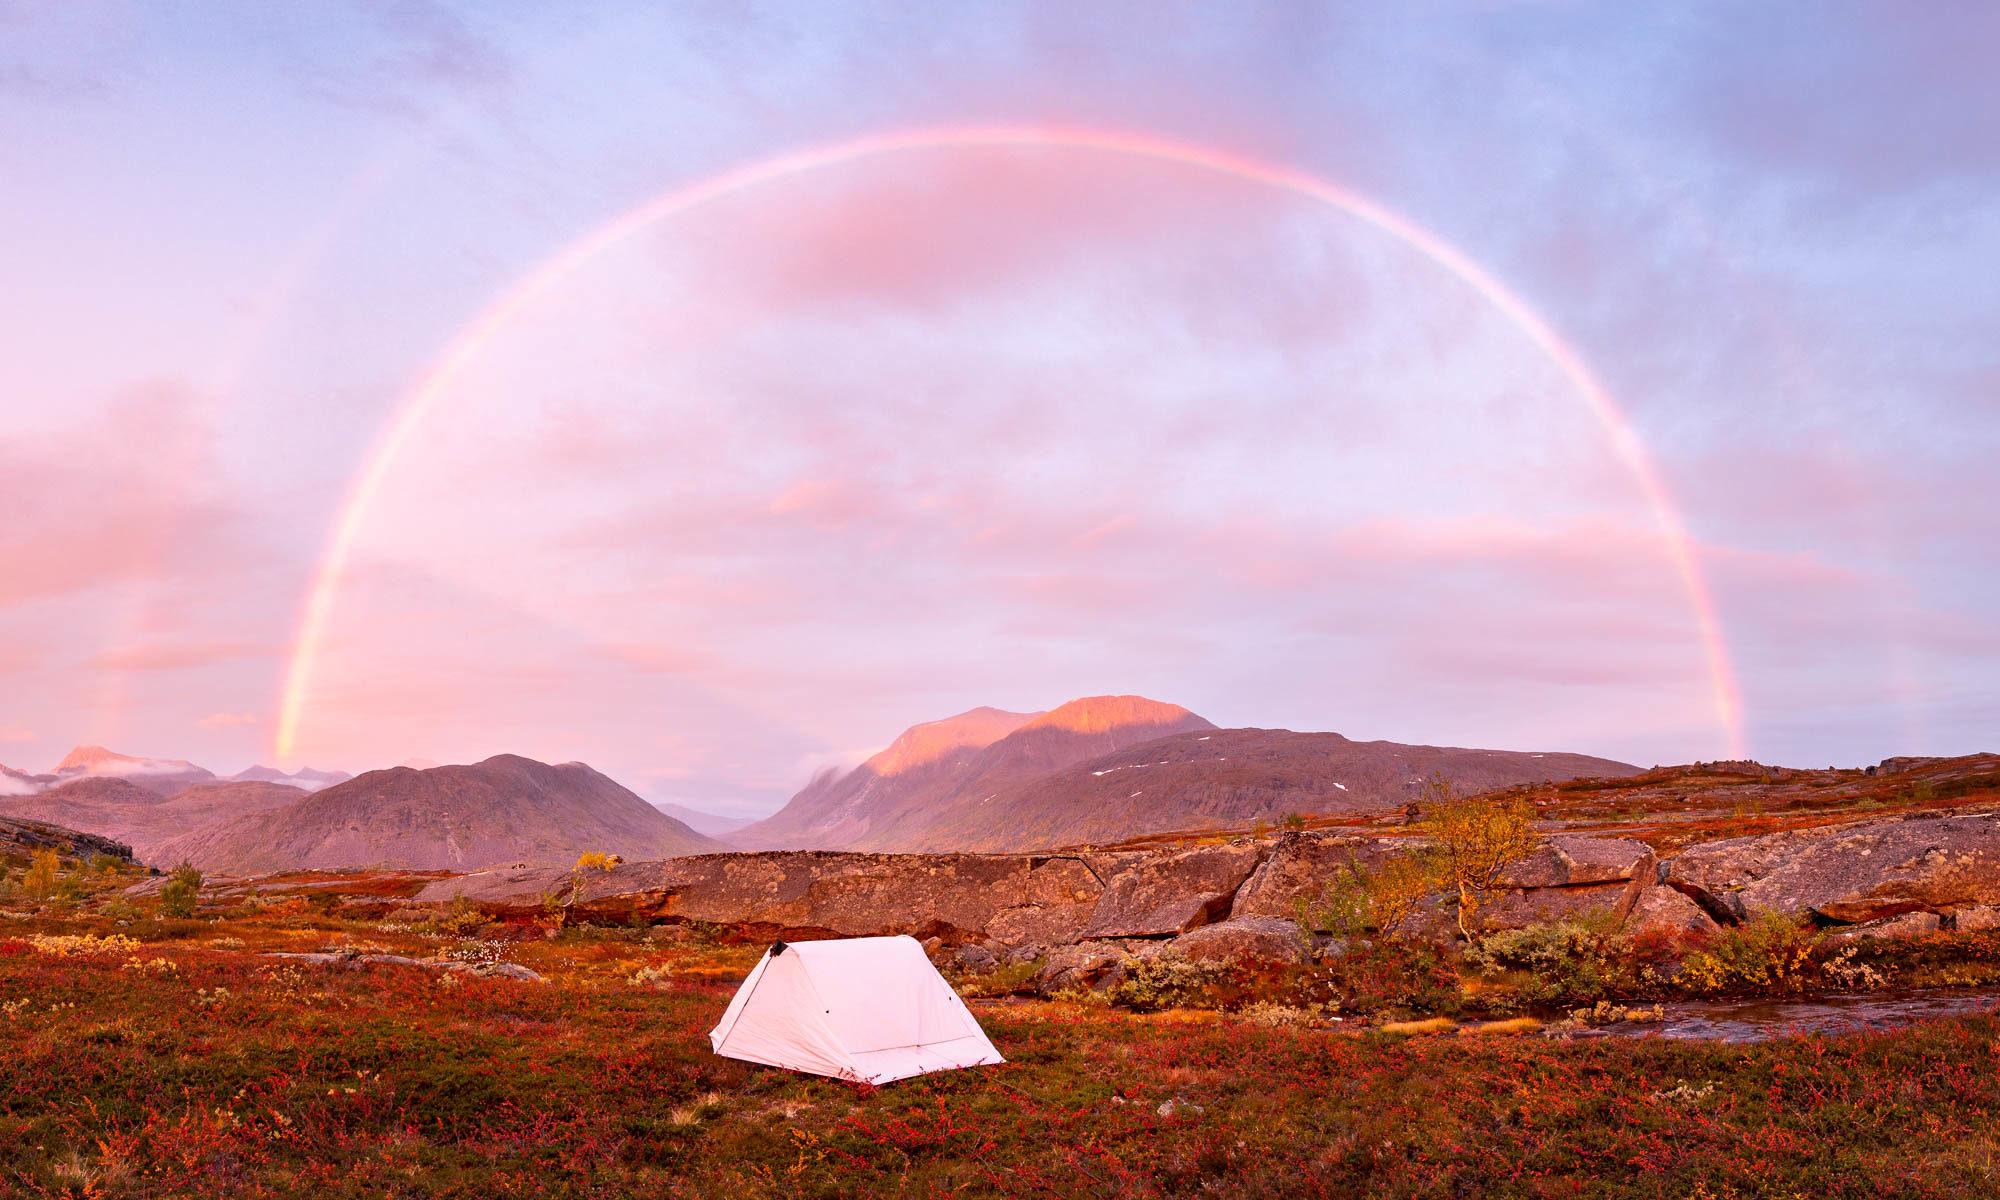 Vaelluskurssi, telttaile Nuuksiossa ja vaella Lapissa. Teltta, tunturit ja ruska, Lappi.